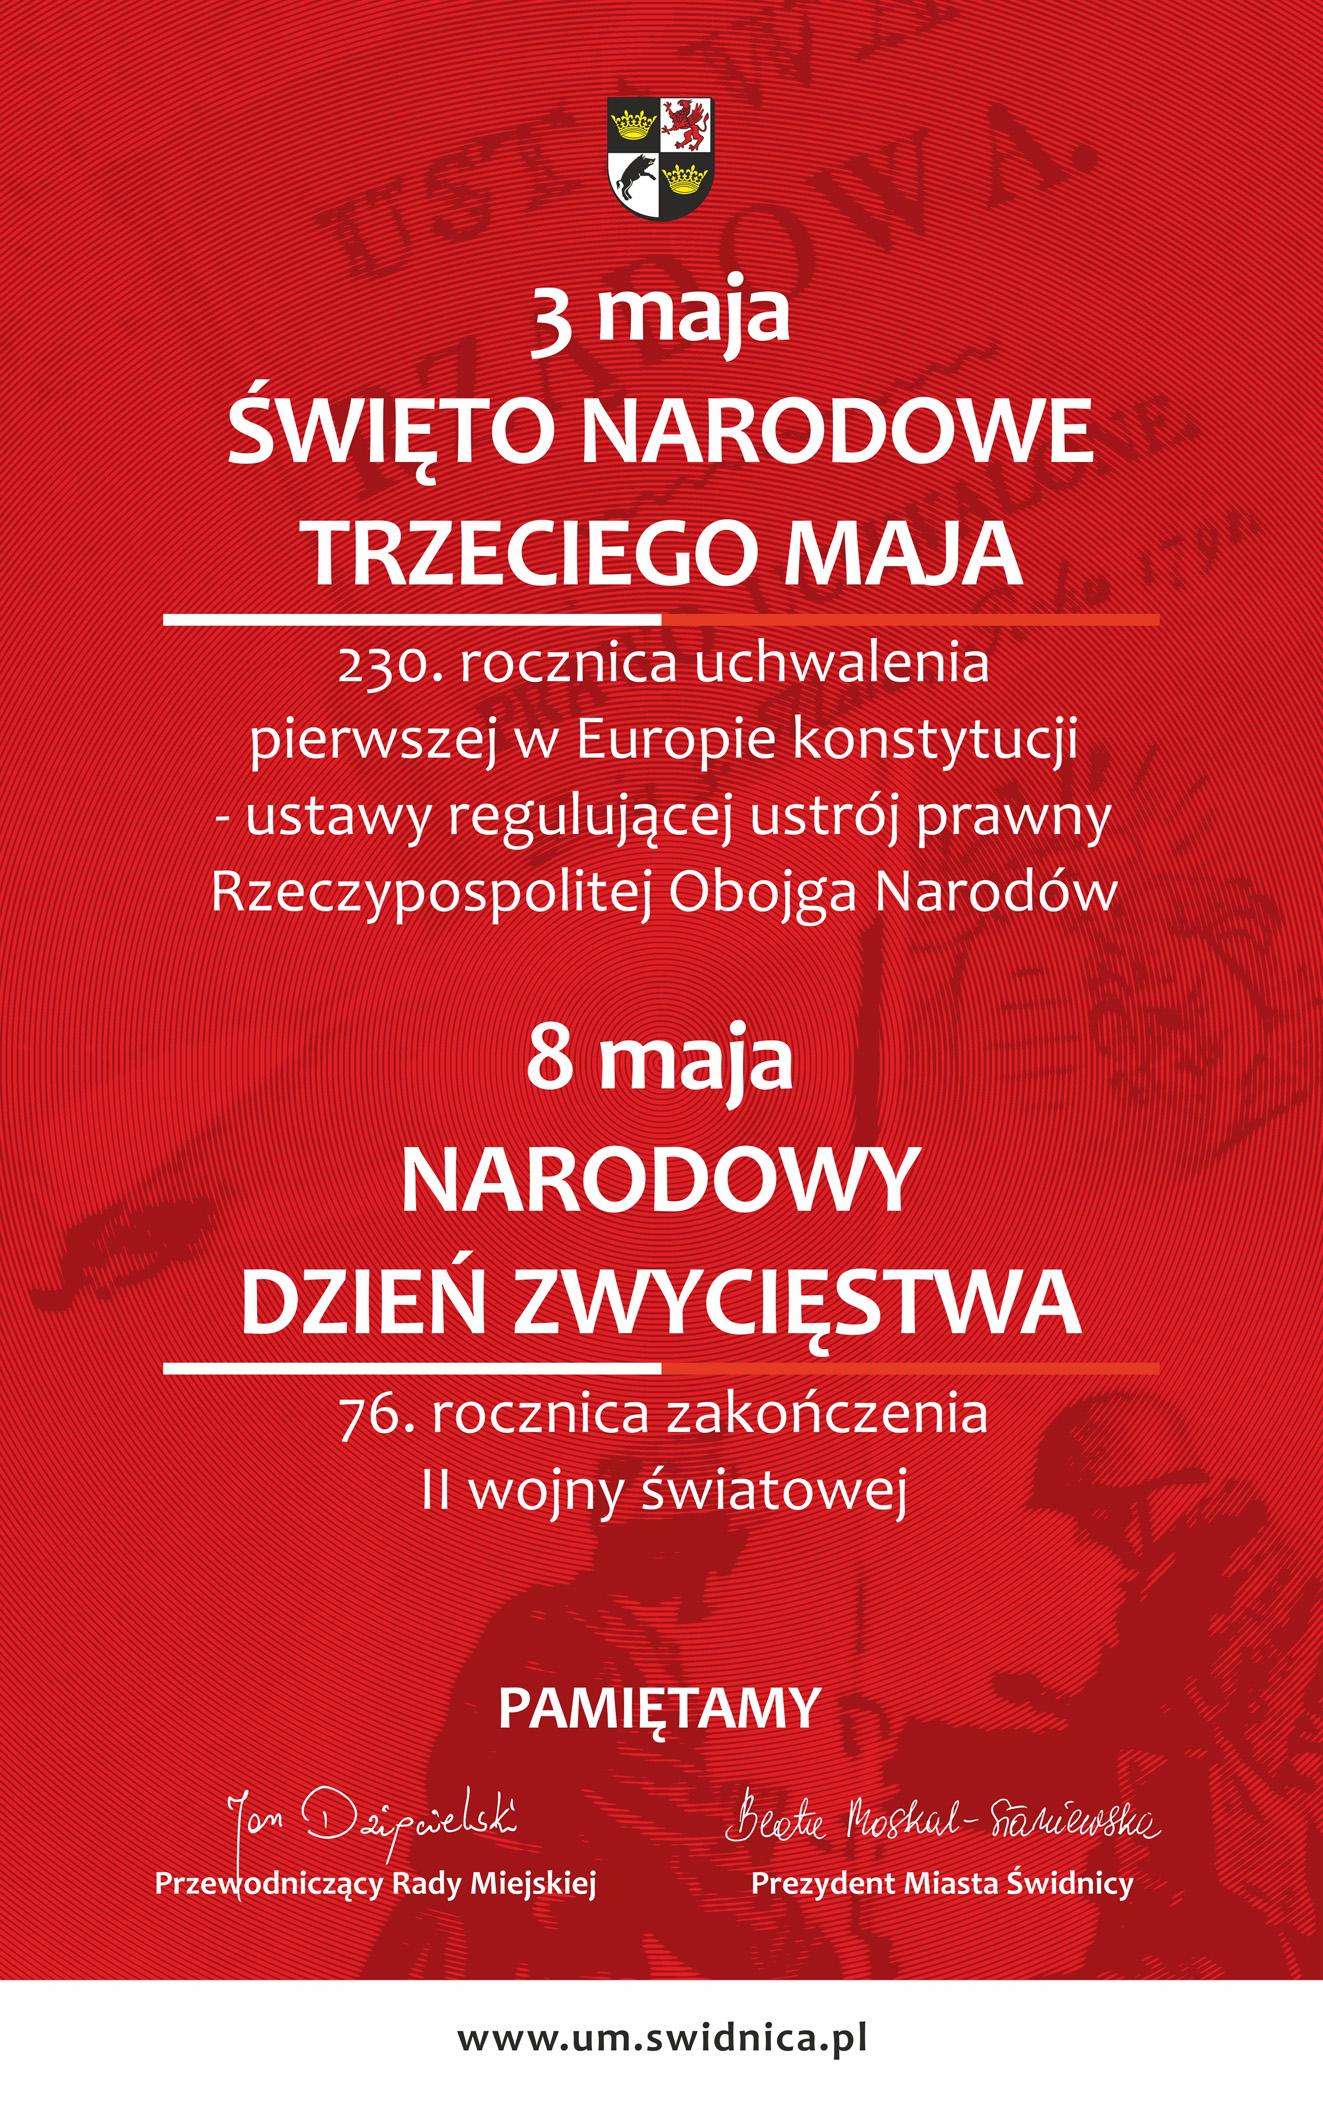 Czerwony plakat z białymi napisami z treścią przedstawioną w tekście na stronie poniżej